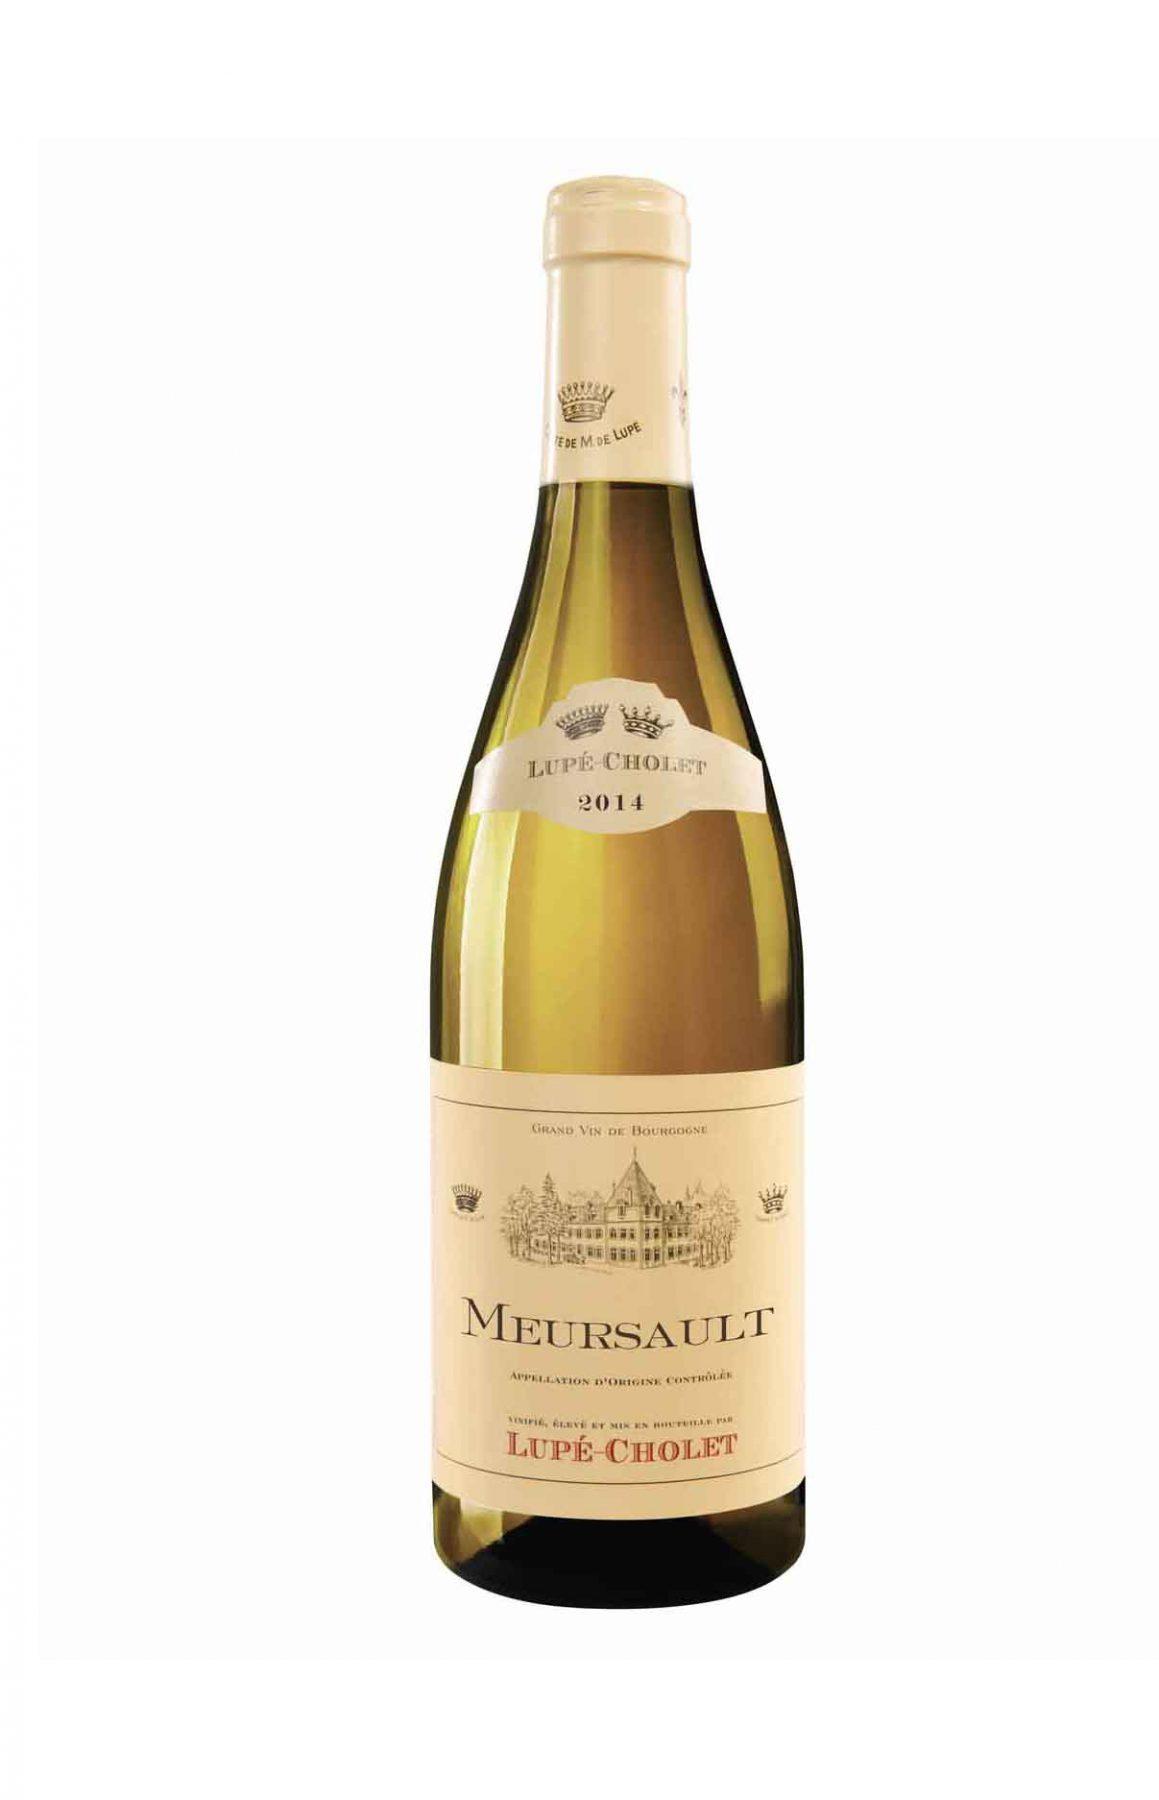 chardonnay white burgundy 2014 vintage